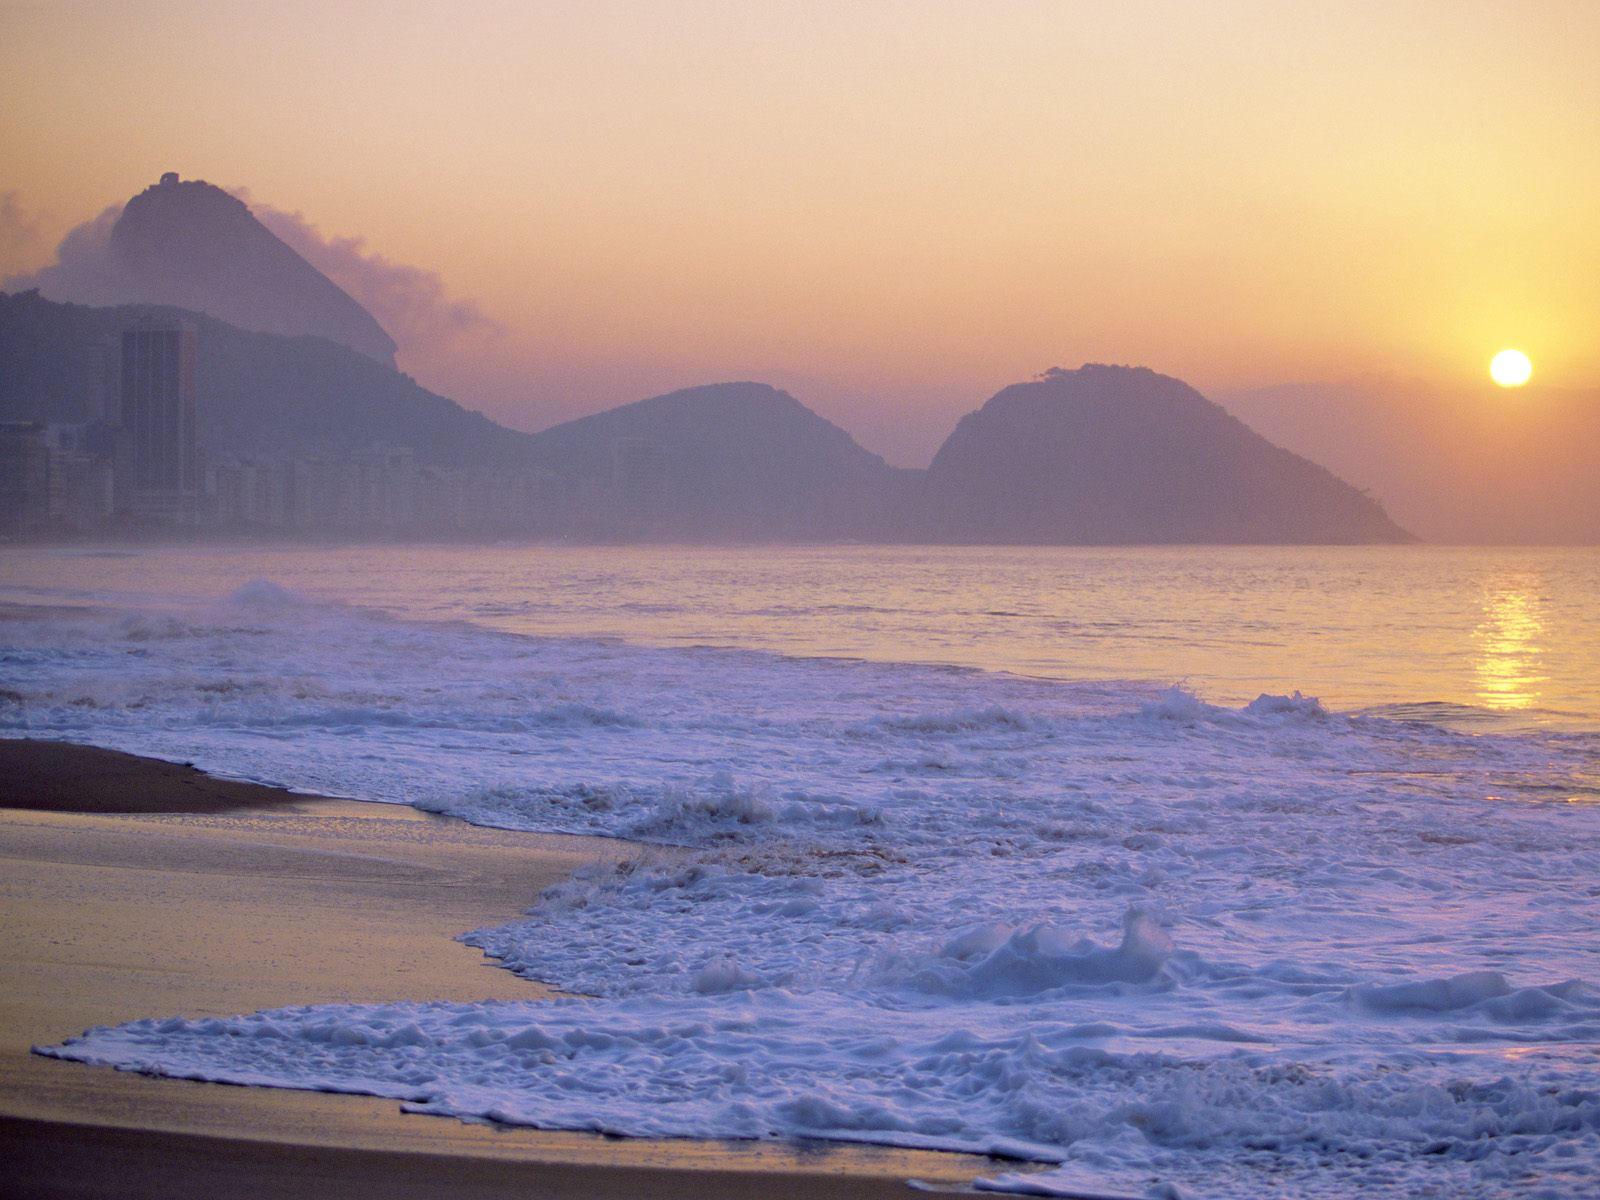 Copacabana Iamsheglobal